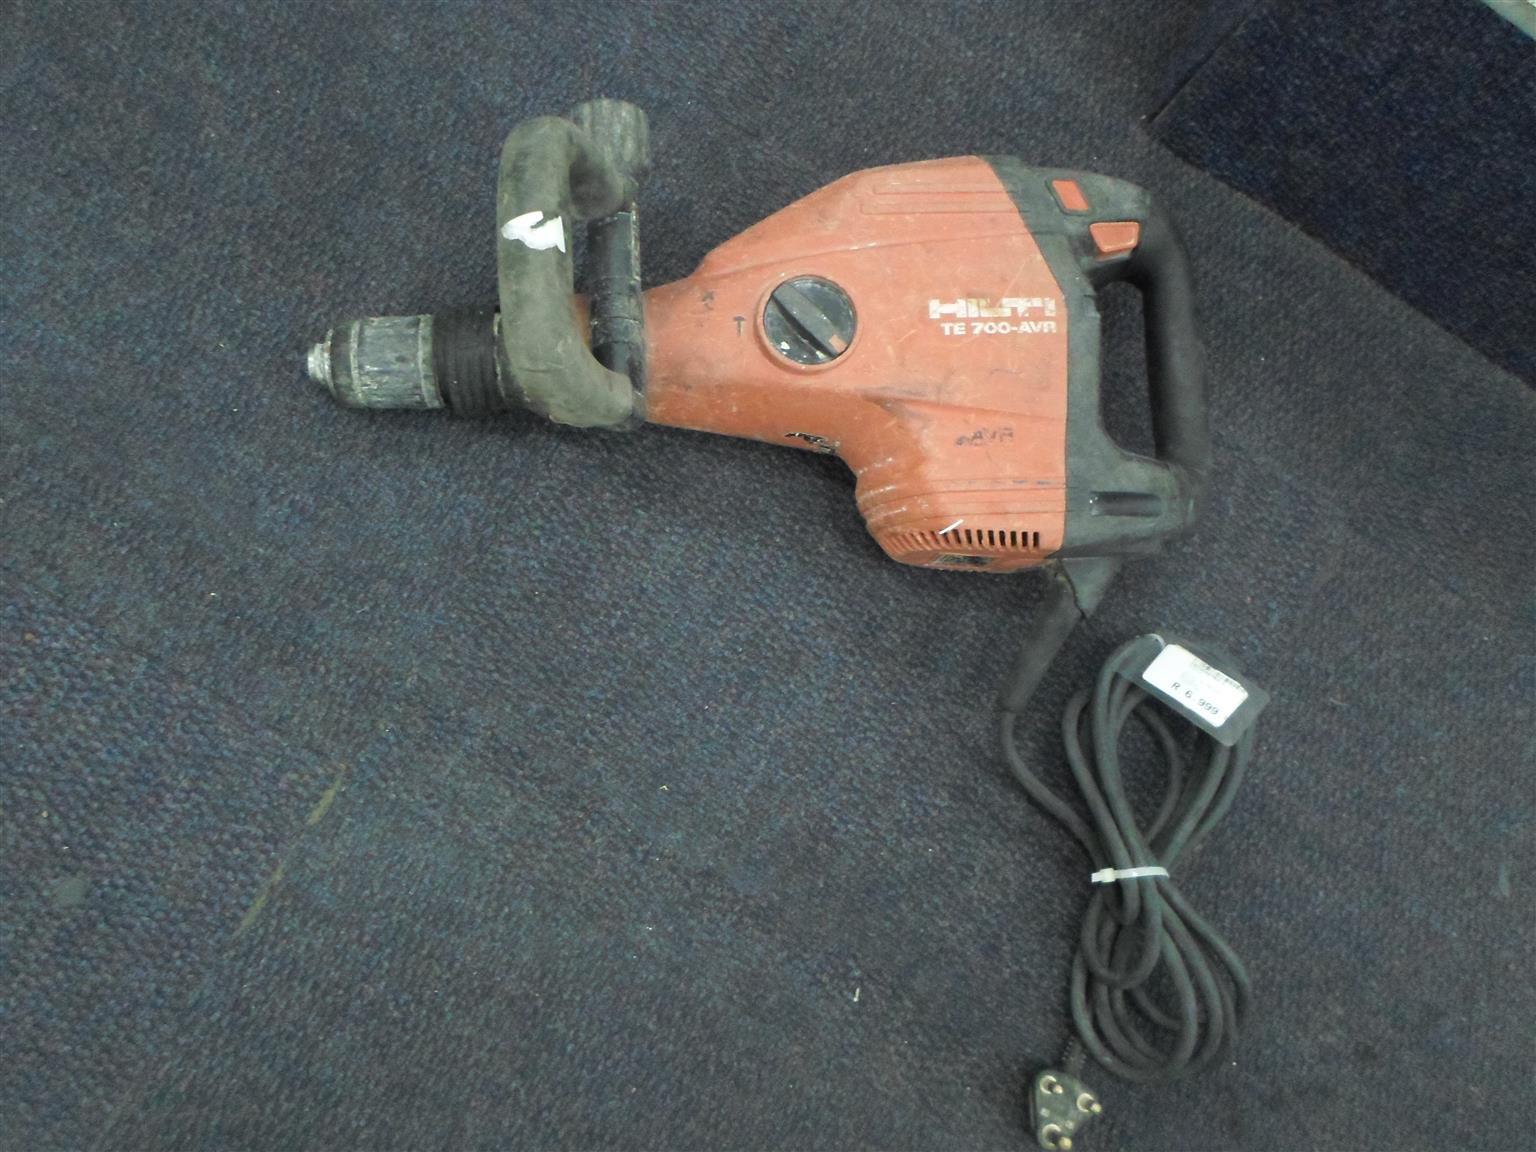 Hilti TE 700-AVR Drill - C033048763-1